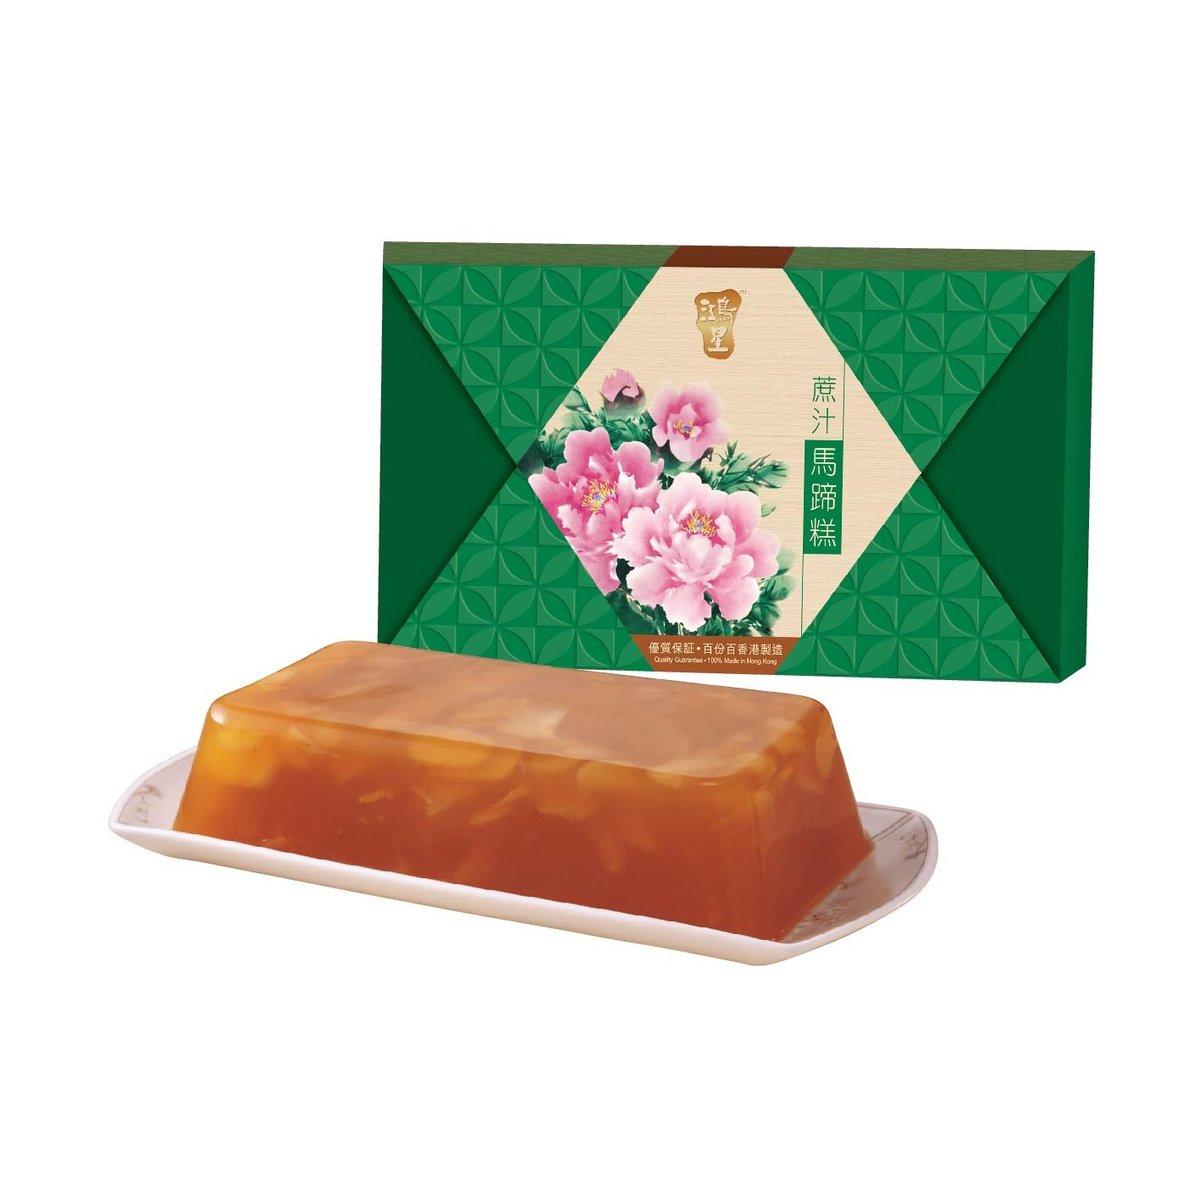 蔗汁馬蹄糕 (約900克) (禮券)(換領日期至1月21日)